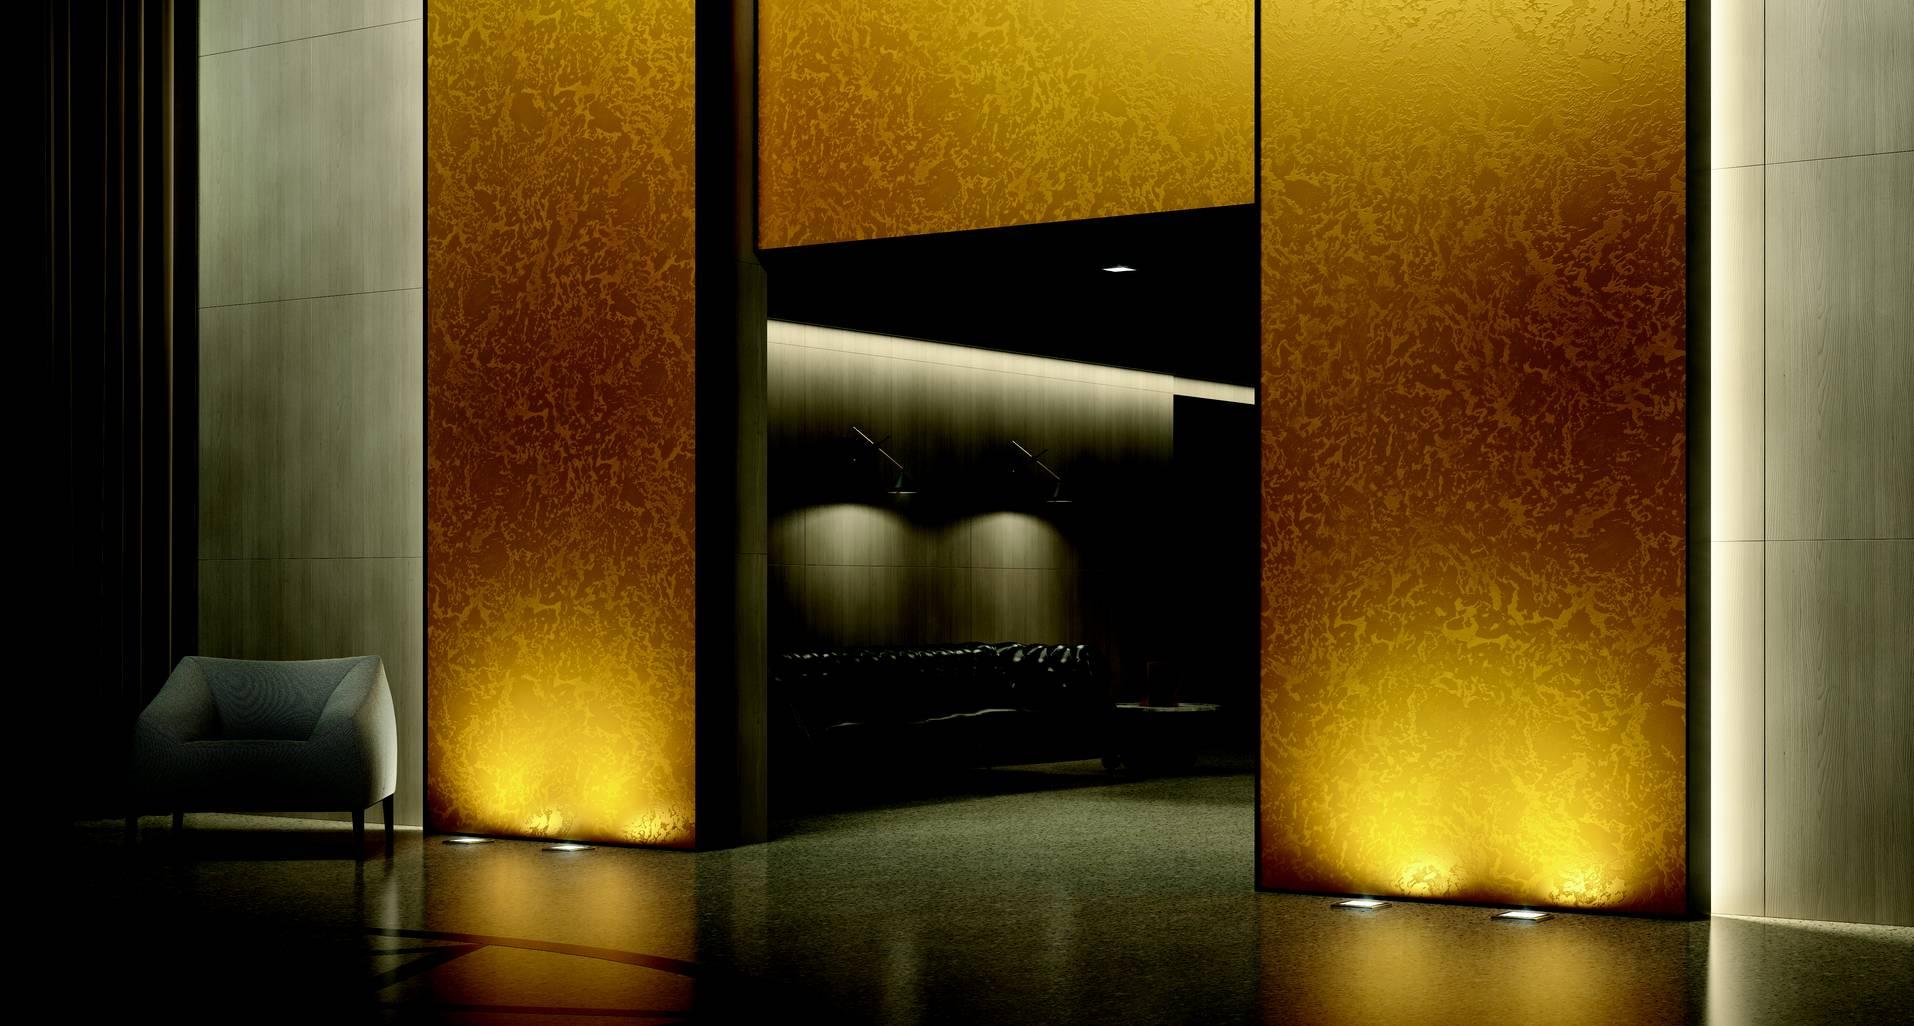 Paleta De Culori Tencuiala Decorativa.Vopsea Decorativă Tencuială Decorativă Si Vopsea Lavabilă San Marco